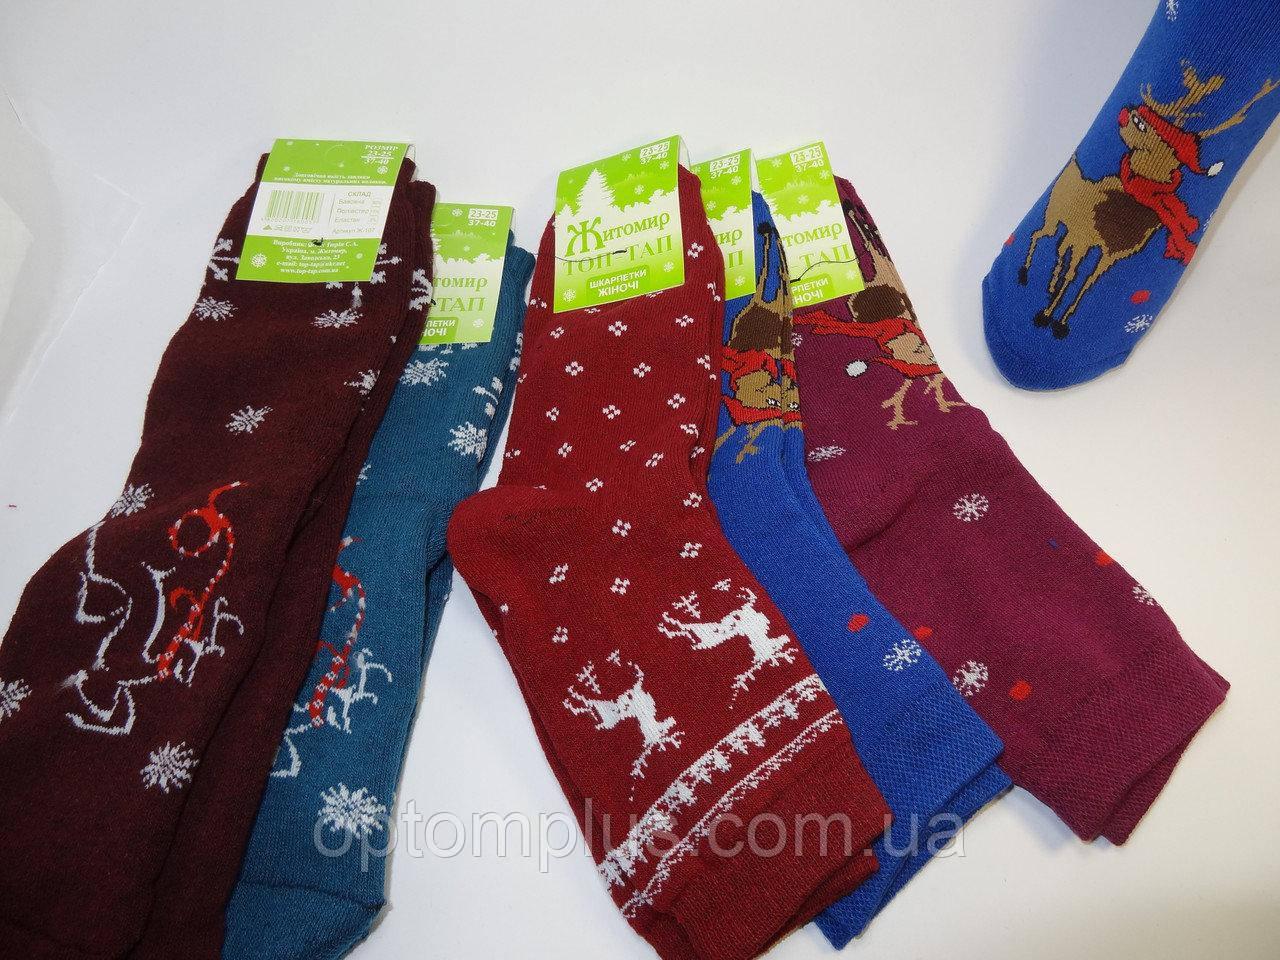 Носки женские зима (23-25 р) оптом купить от склада 7 км